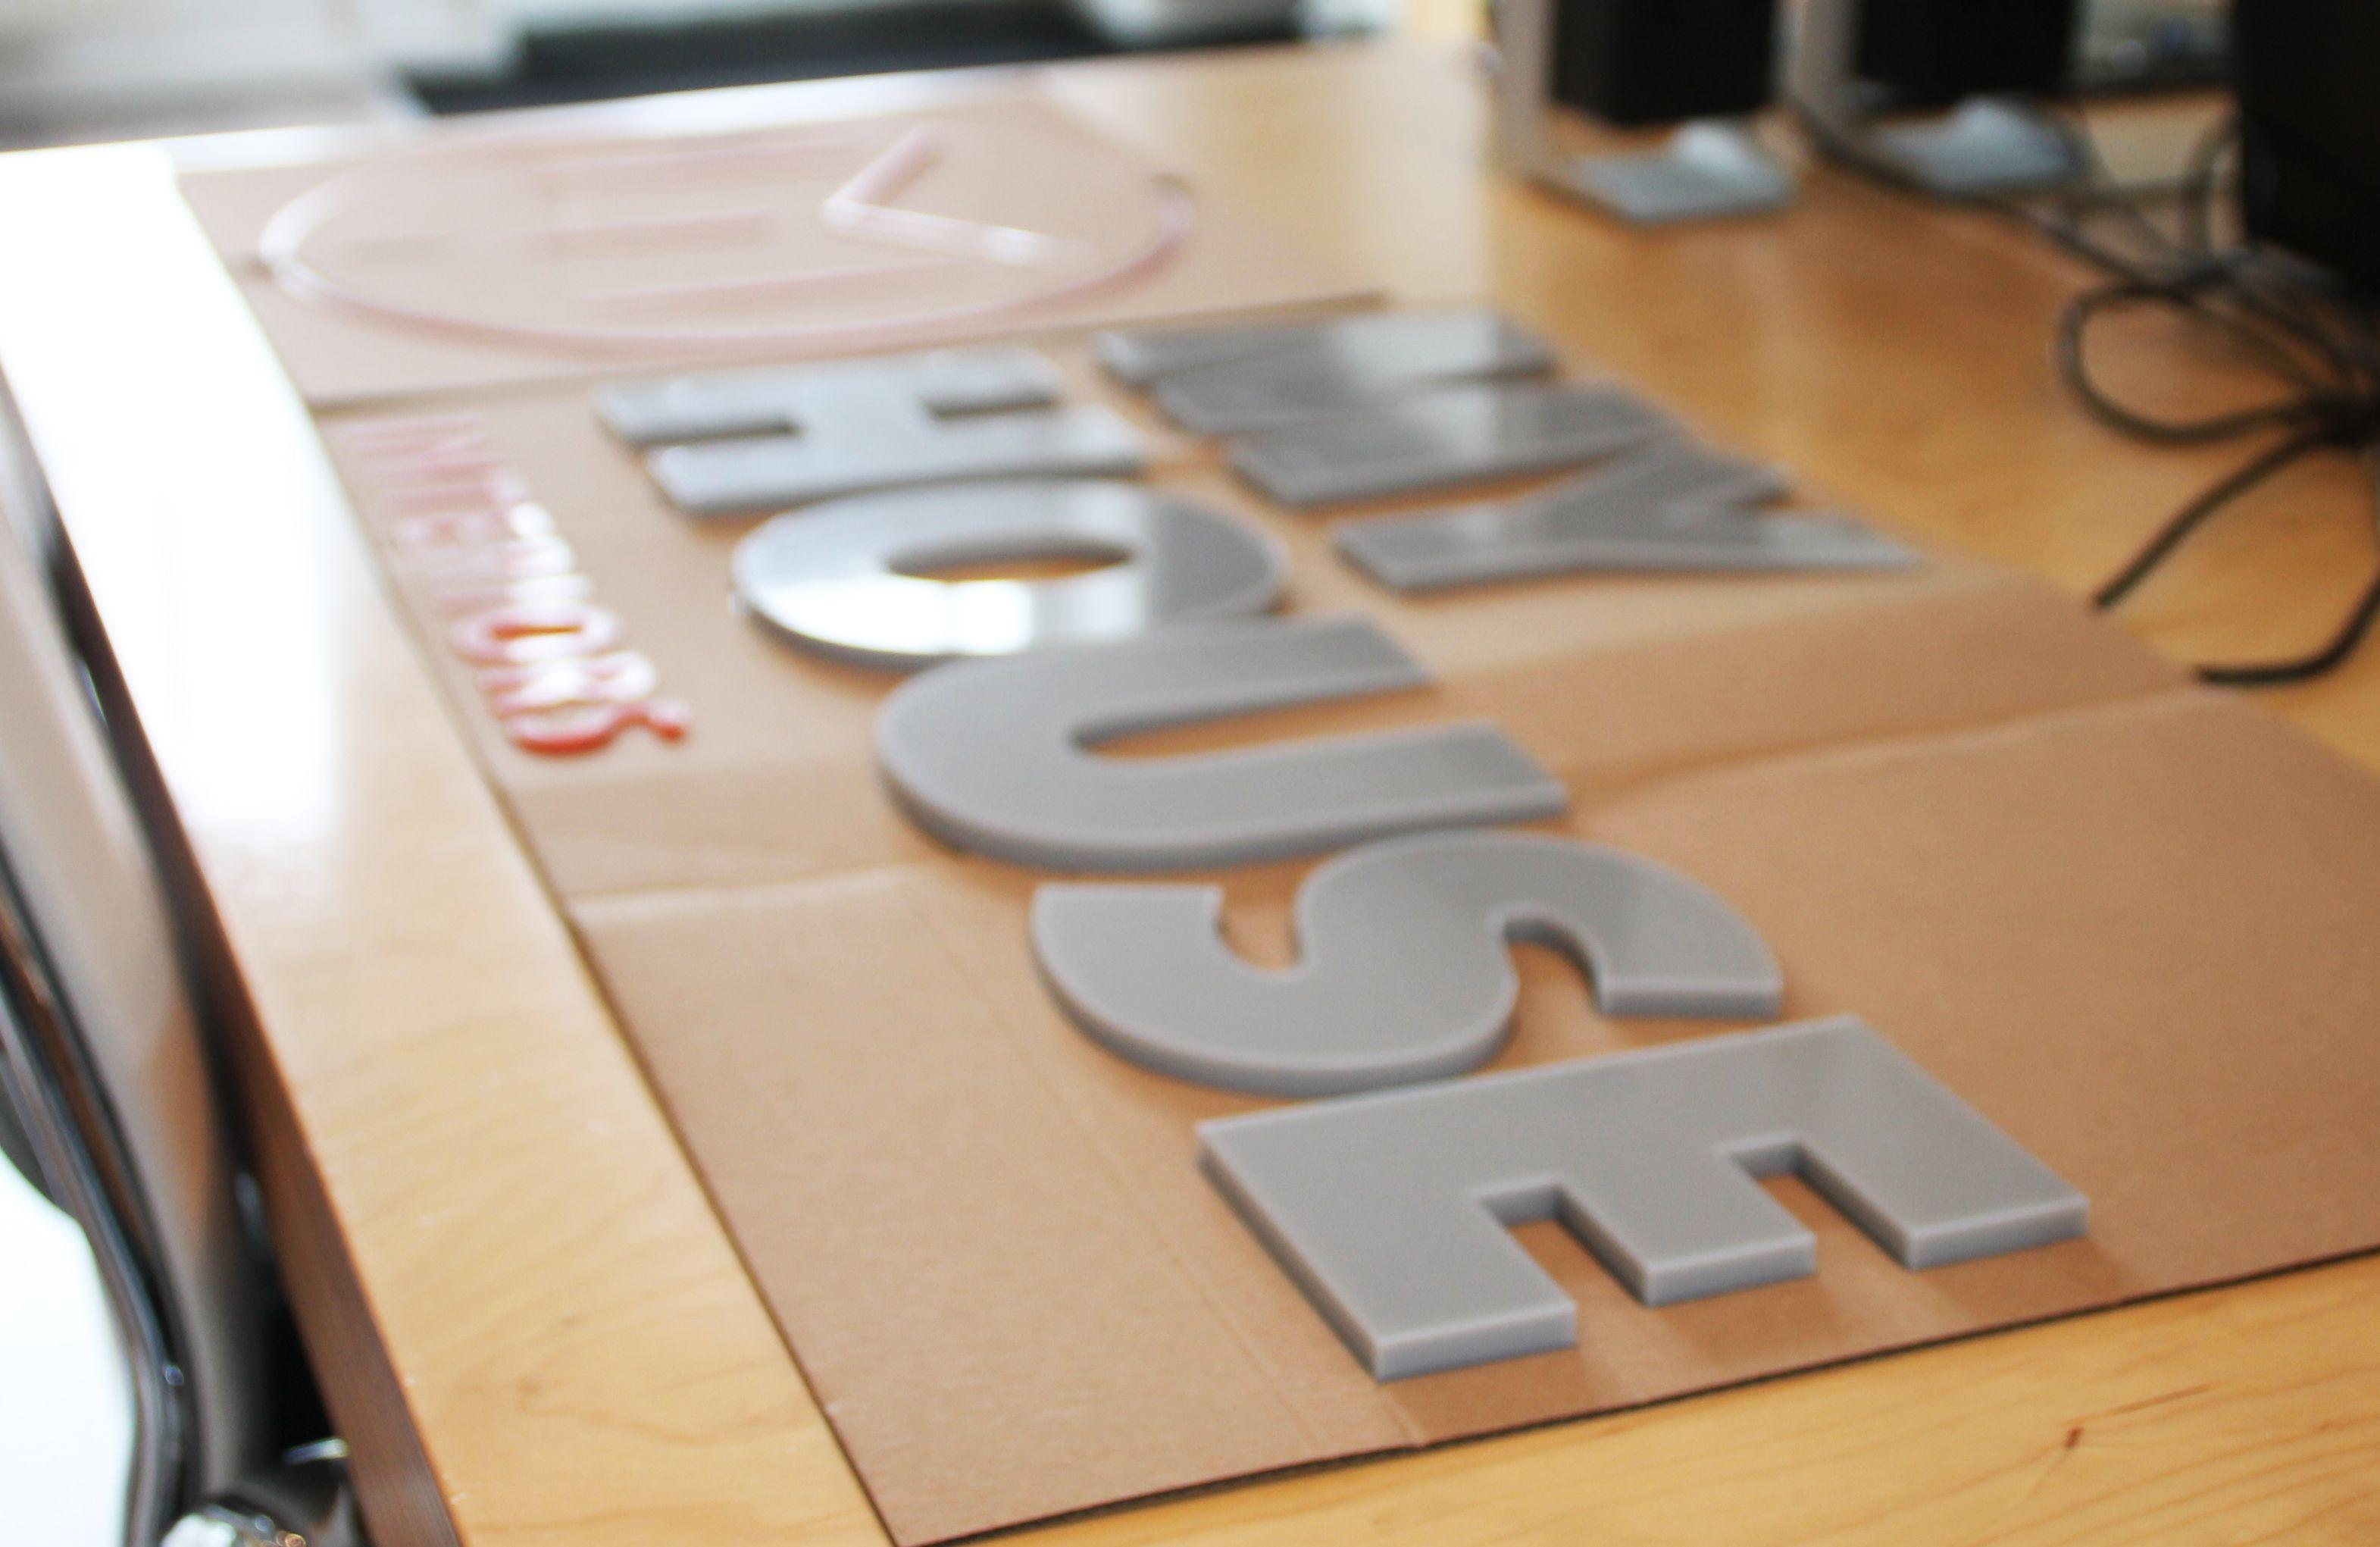 Deze 3D plakletters voor My House Amsterdam zijn uitgevoerd in 8mm grijs en 3mm dik rood Acrylic (acrylaat) en gemonteerd op het raam met dubbelzijdig tape. Deze belettering is maatwerk. My House Amsterdam maakte gebruik van de offerte op maat tool van de website van Reclameletters Online. Via de offerte op maat tool verstuurde My House Amsterdam het eps bestand van het beeldmateriaal naar Reclameletters Online. Door middel van een montagemal konden zij eenvoudig de reclameletters zelf…